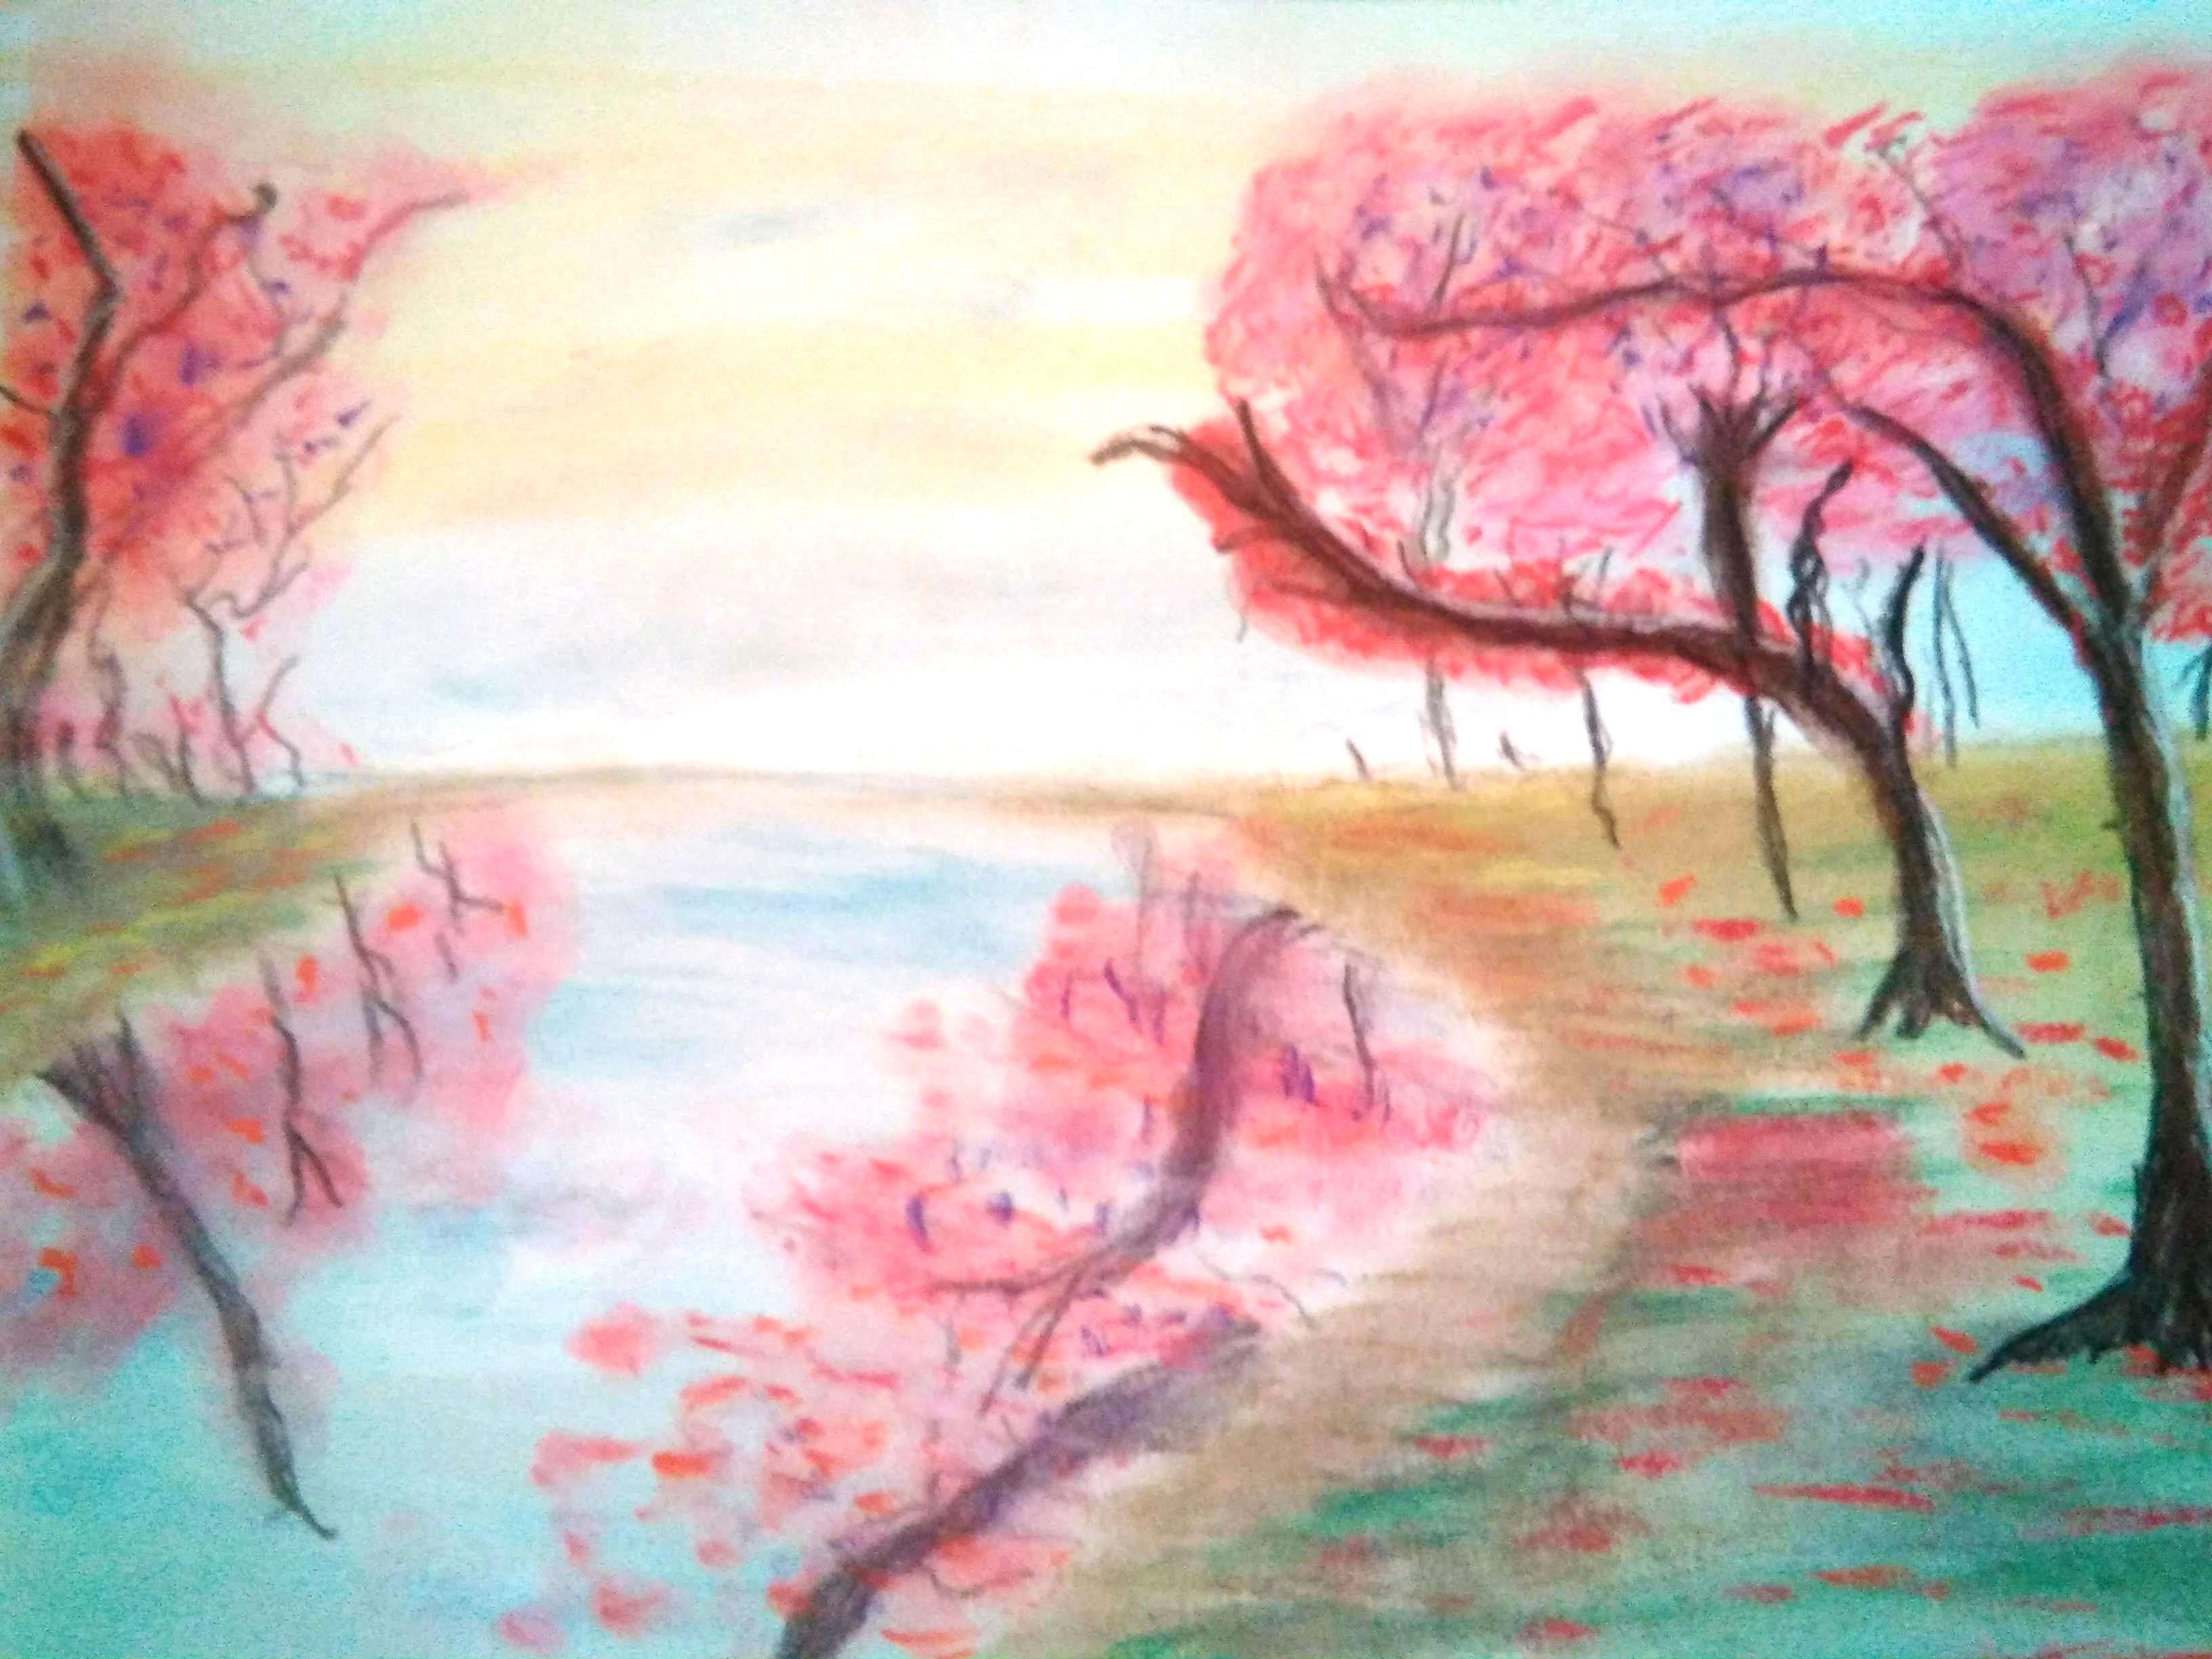 Ilustración de un río y unos árboles de hojas rosadas en la orilla, que se reflejan en el agua